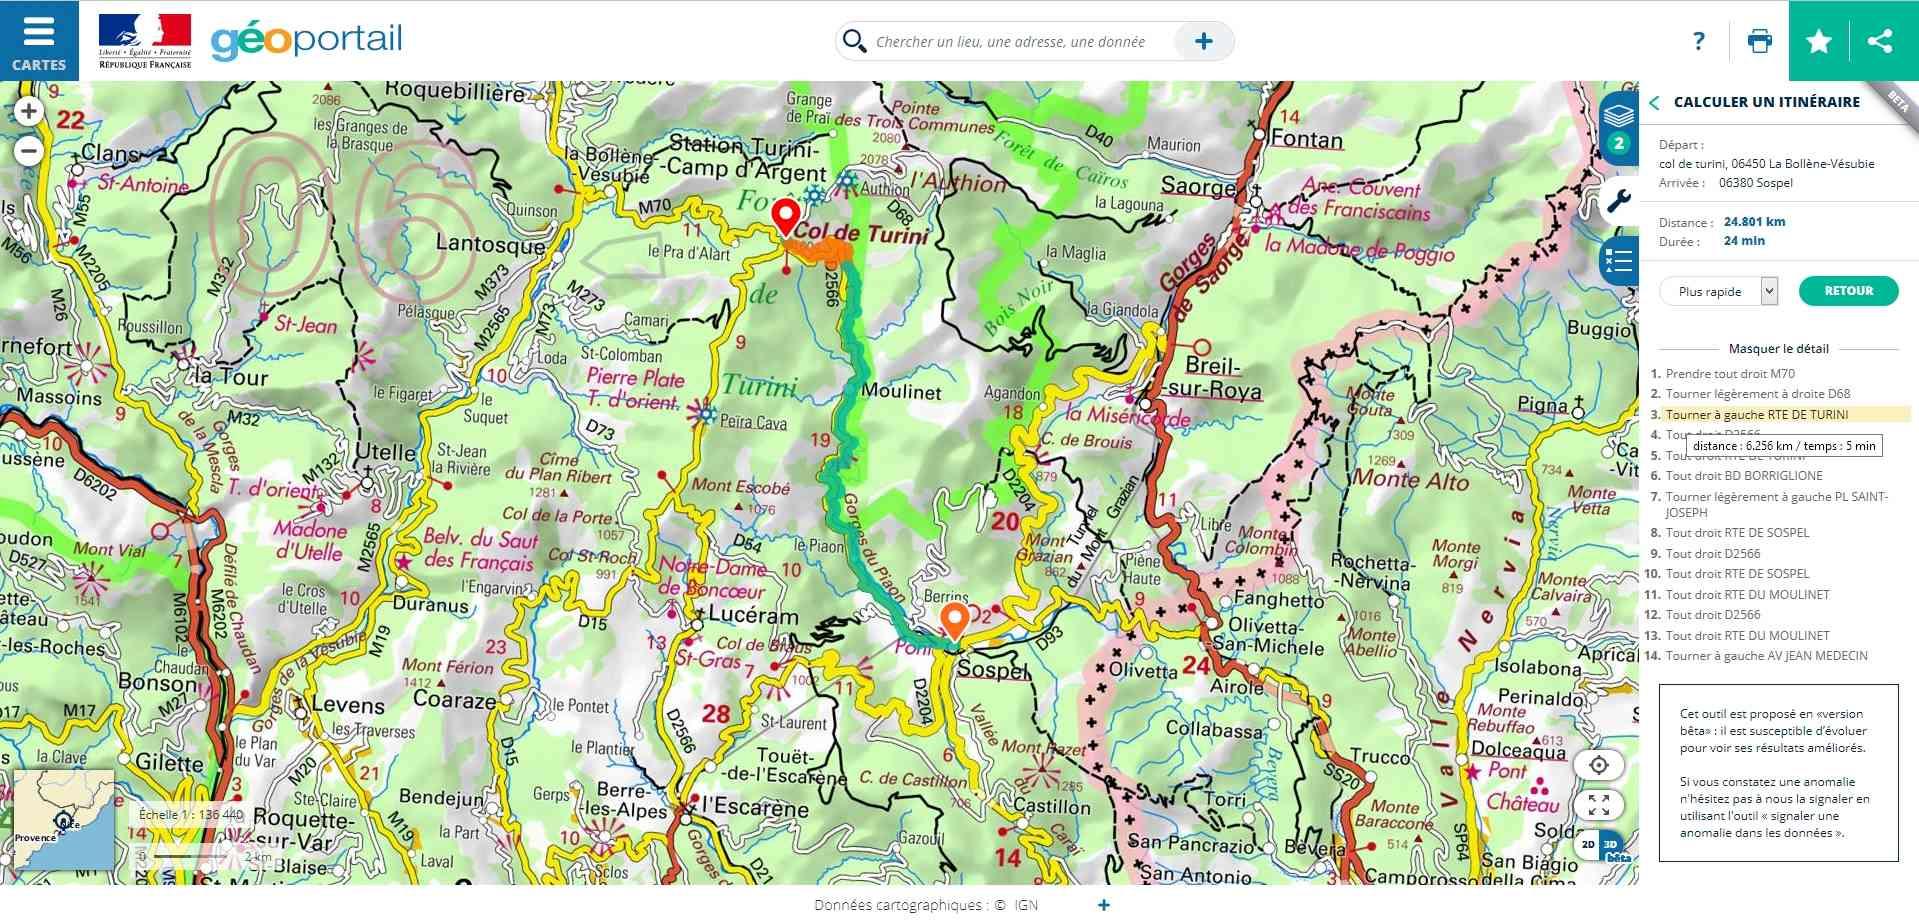 La Route des Grandes Alpes - Page 21 Tsge_077